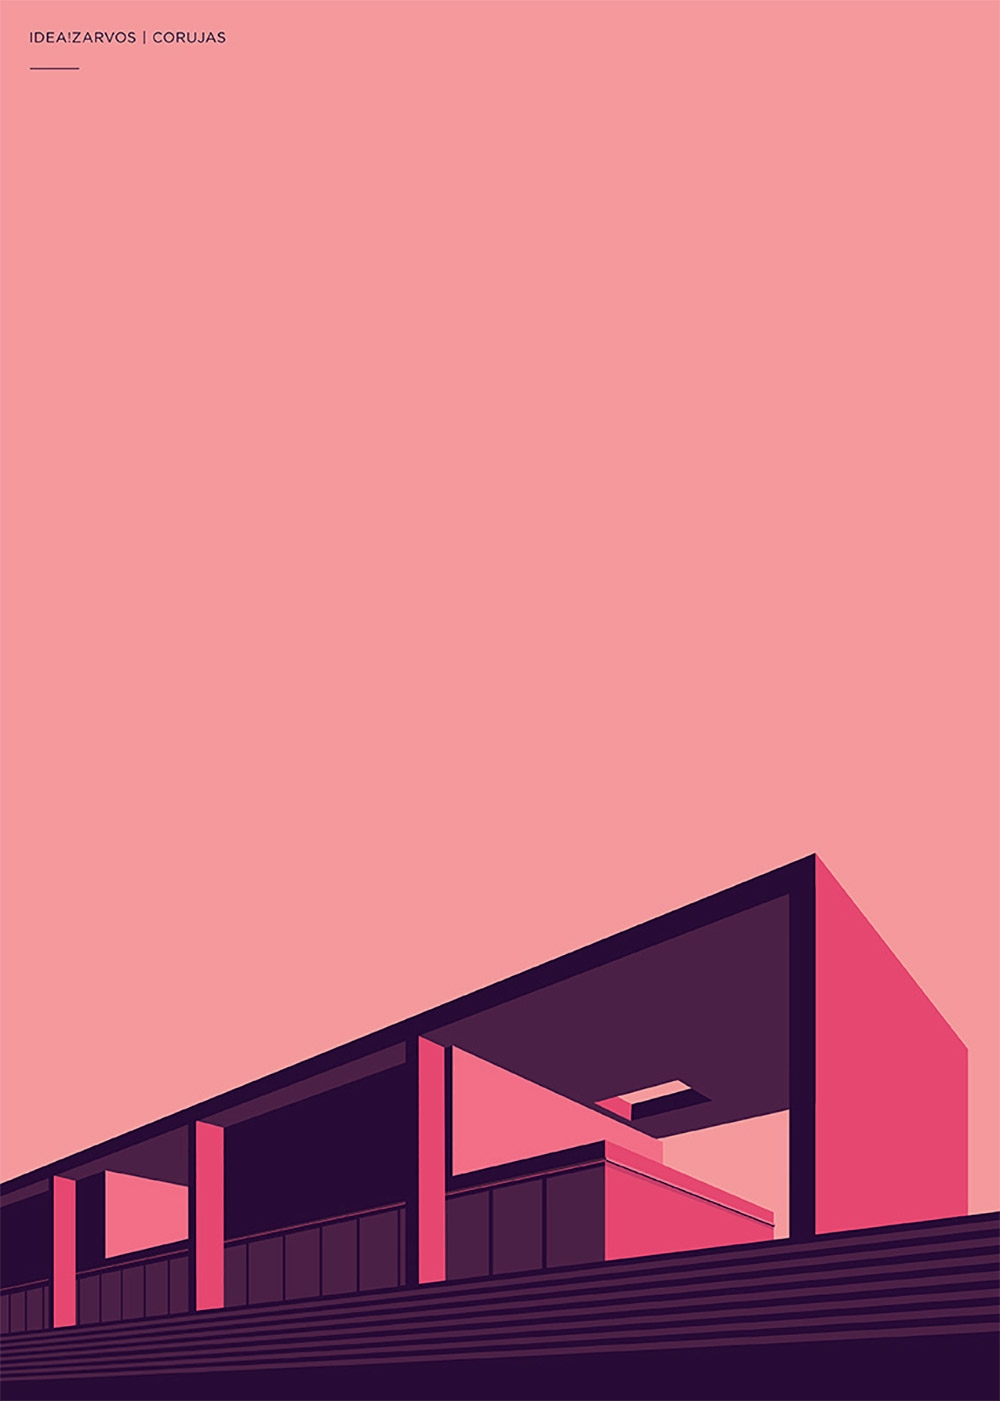 Colorful Architectural Illustra - benim_jbweb | ello